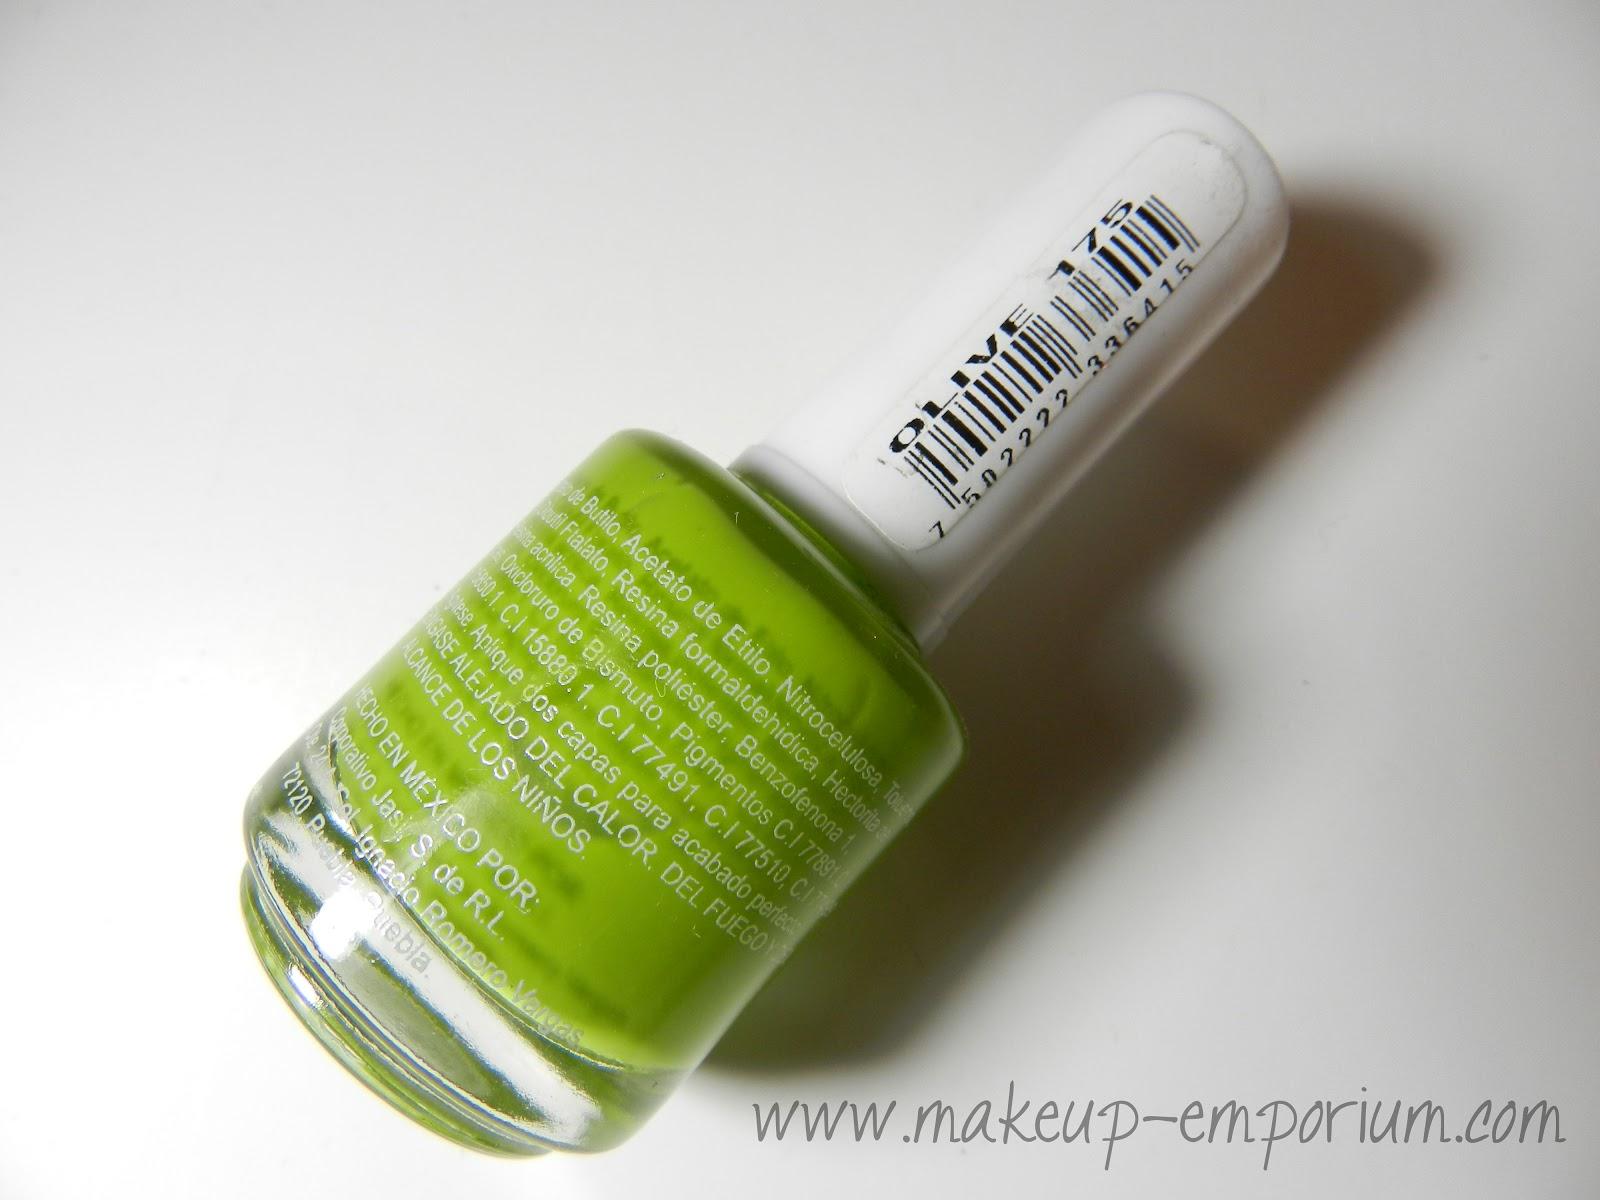 Makeup Emporium: octubre 2012